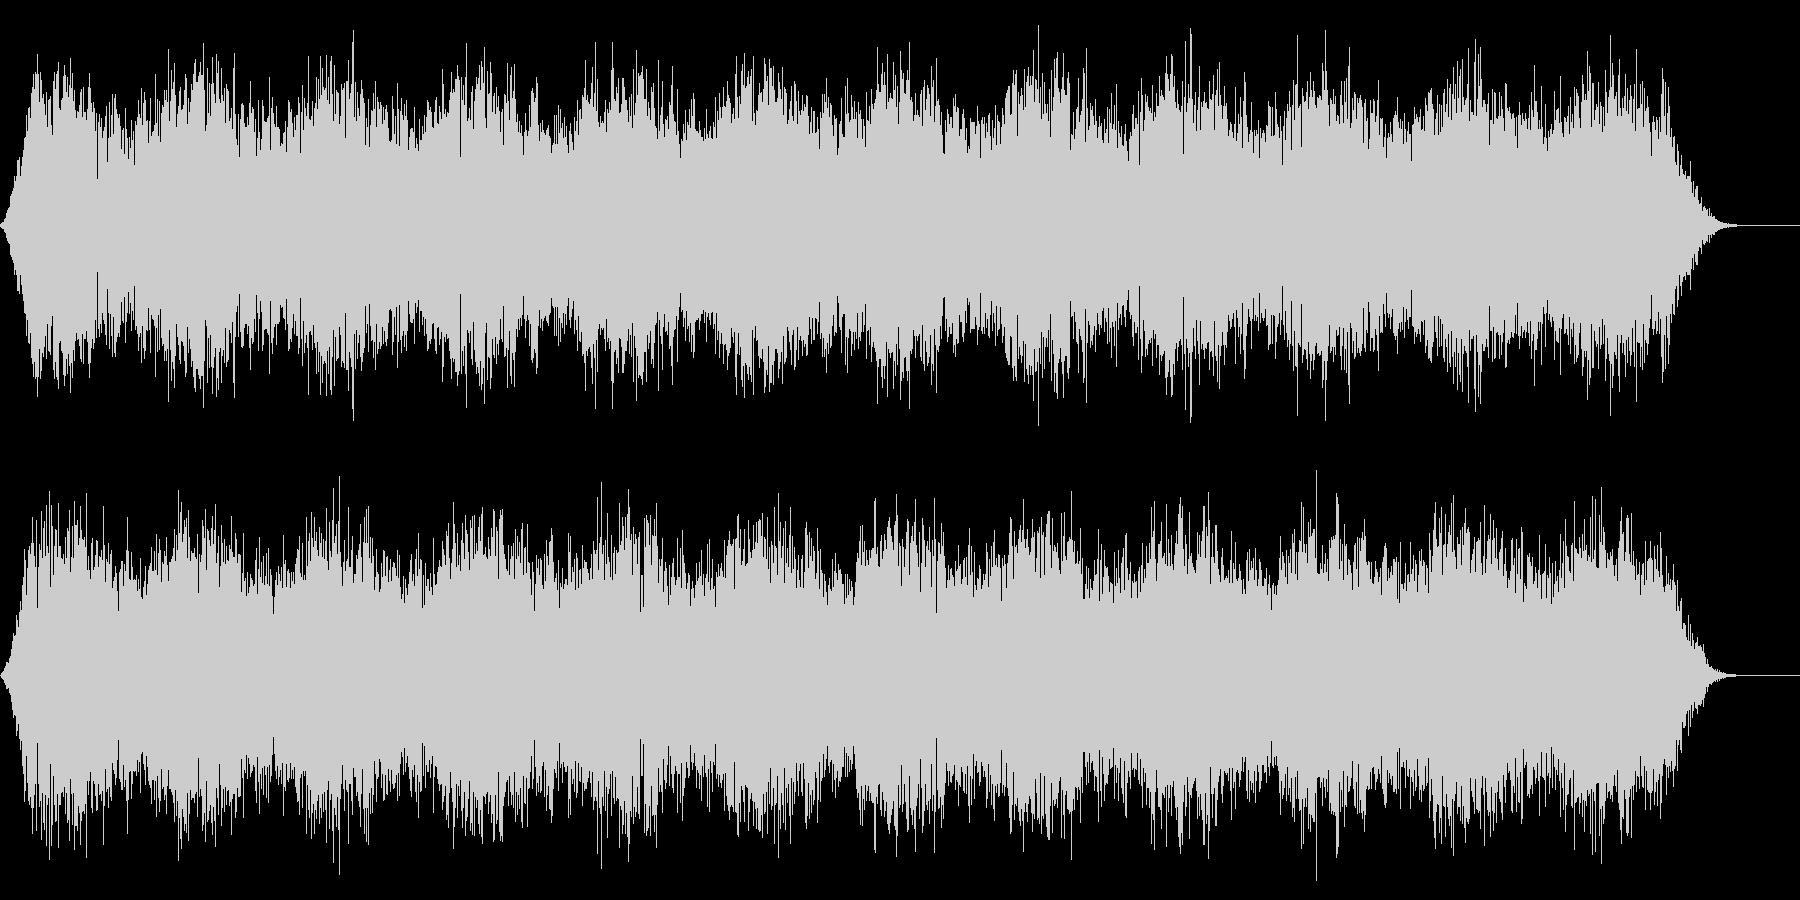 背景音 1 (雪山や洞窟などに)の未再生の波形